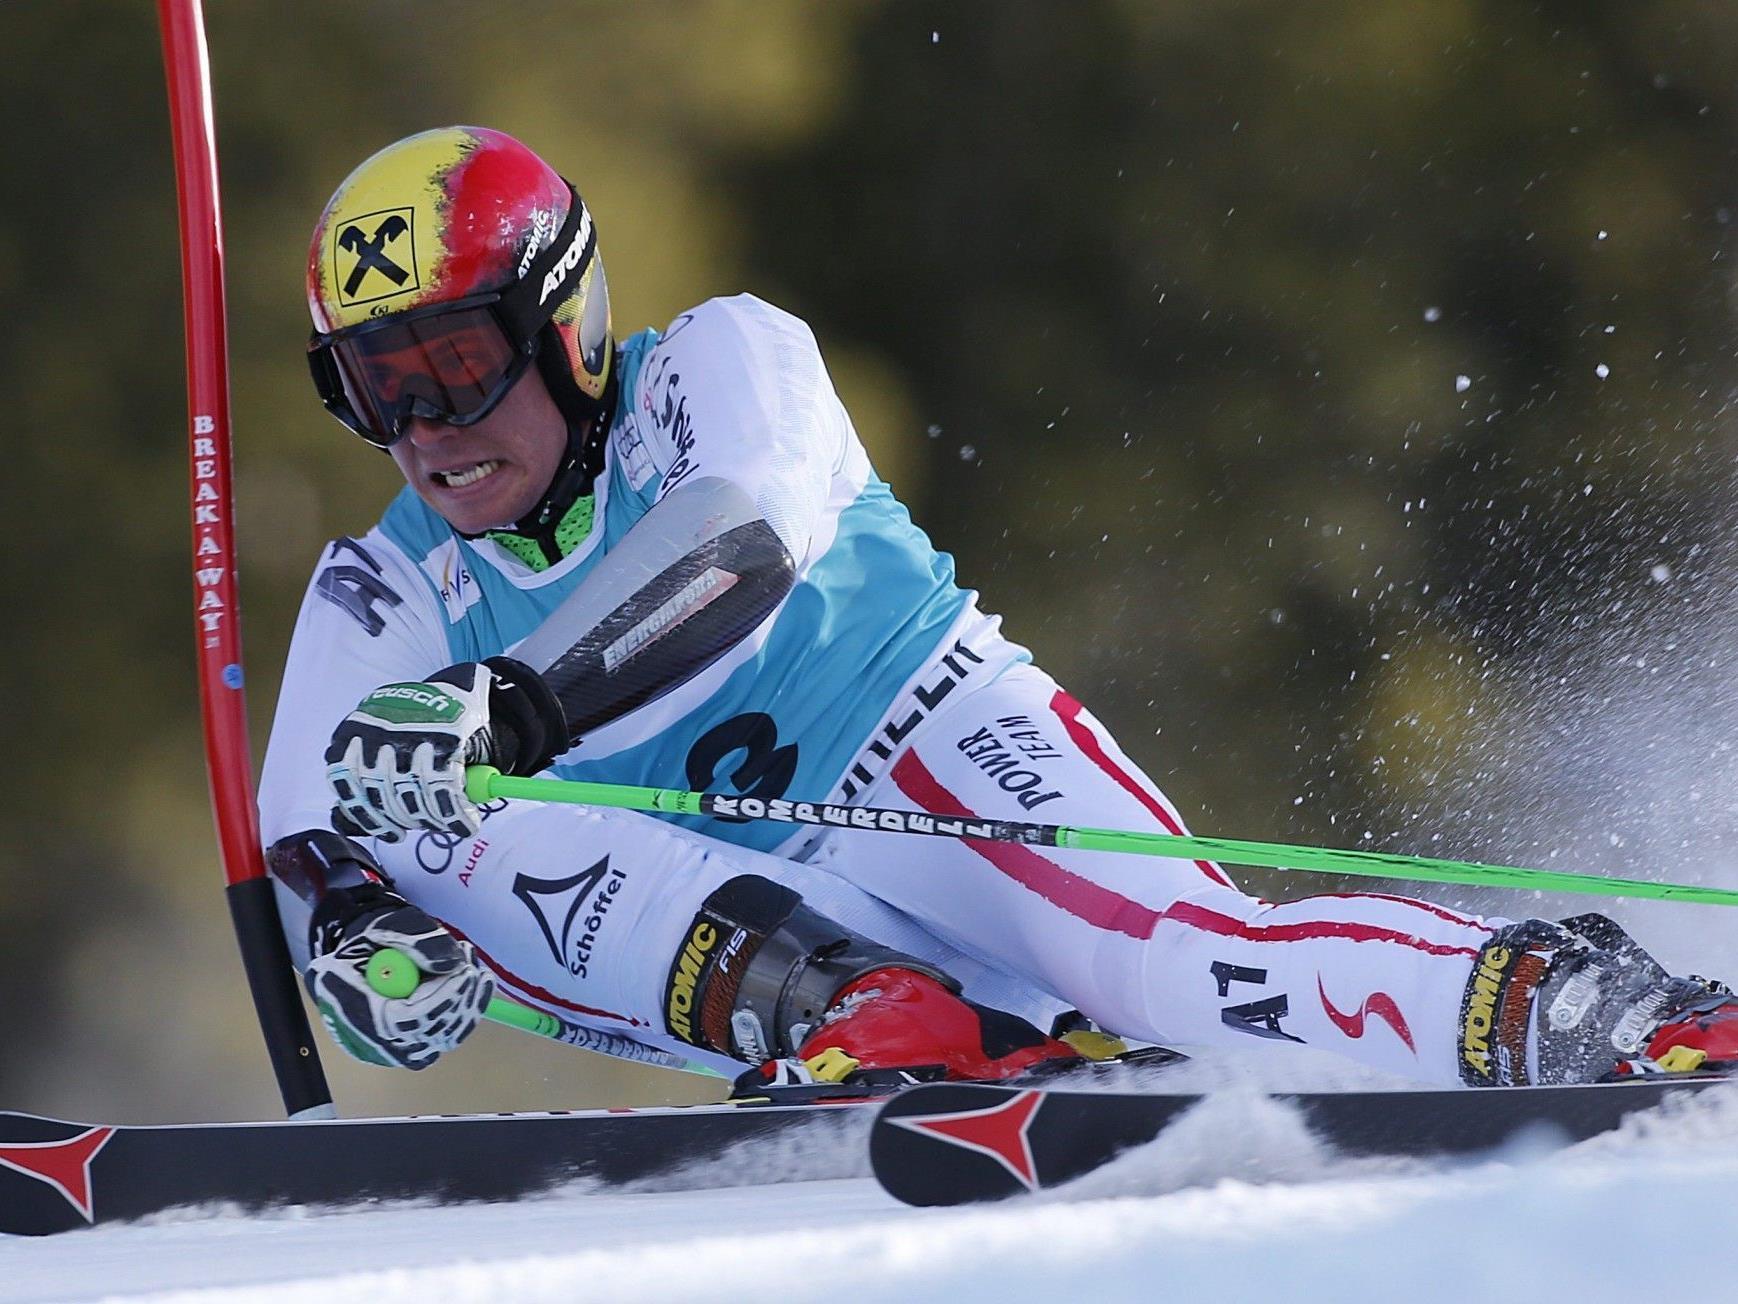 Sieben ÖSV-Rennläufer versanken auf Weg nach Val d'Isere im Schneechaos.